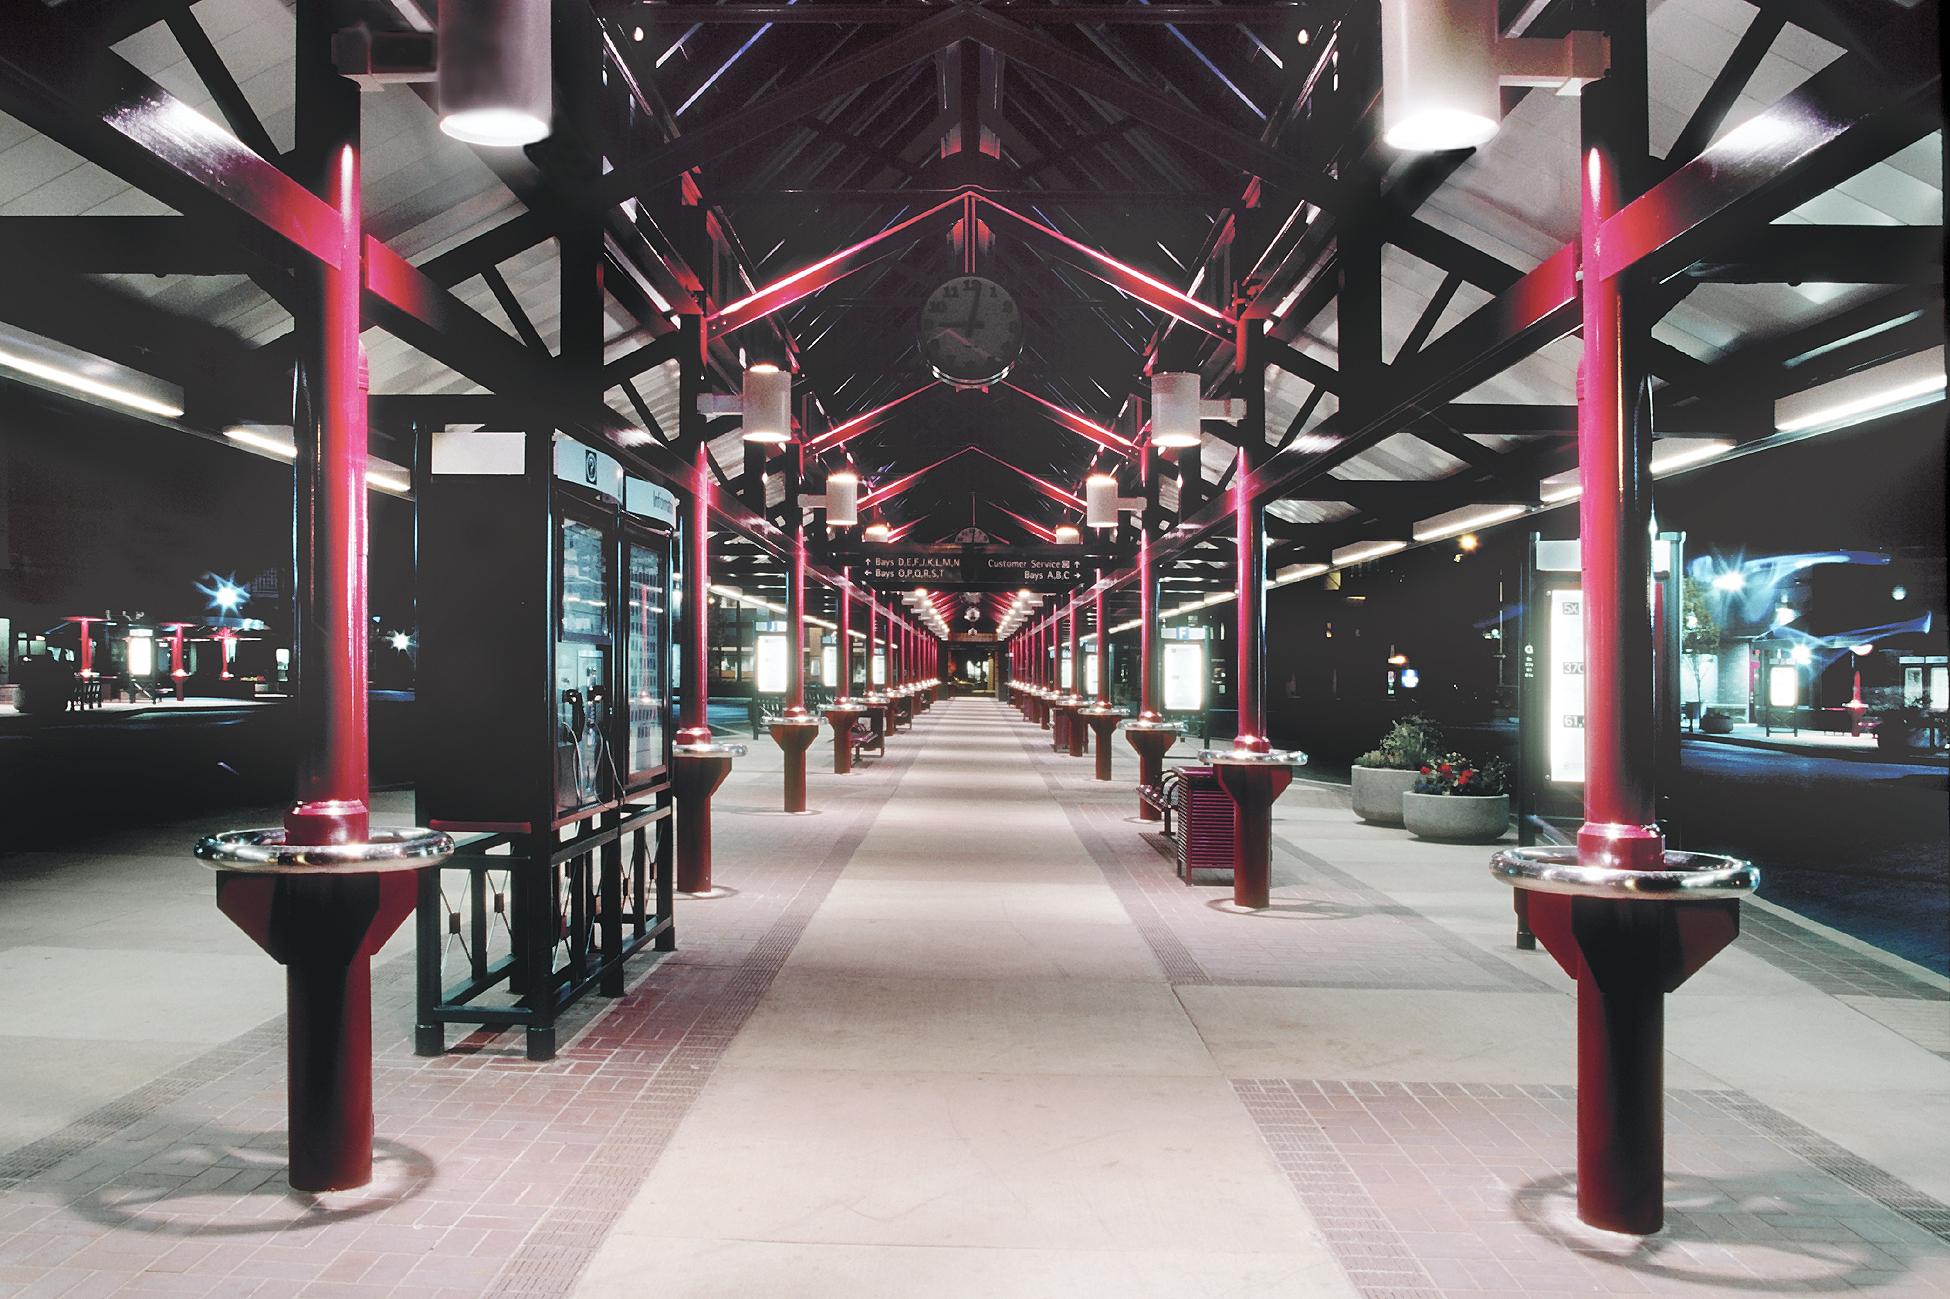 Eugene Station, Lane Transit District